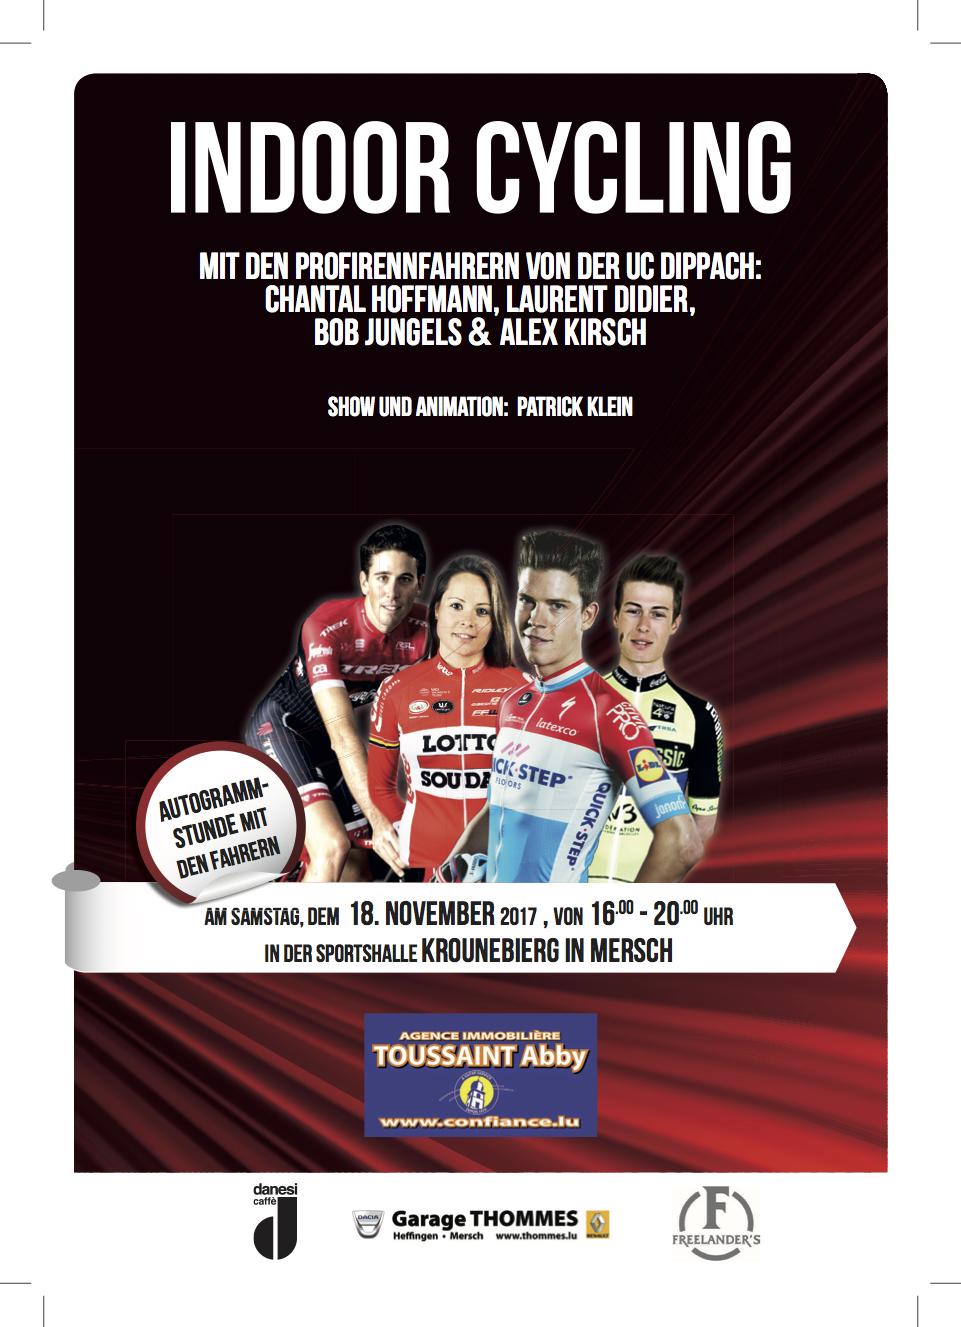 Indoor Cycling zu Miersch den 18/11/2017